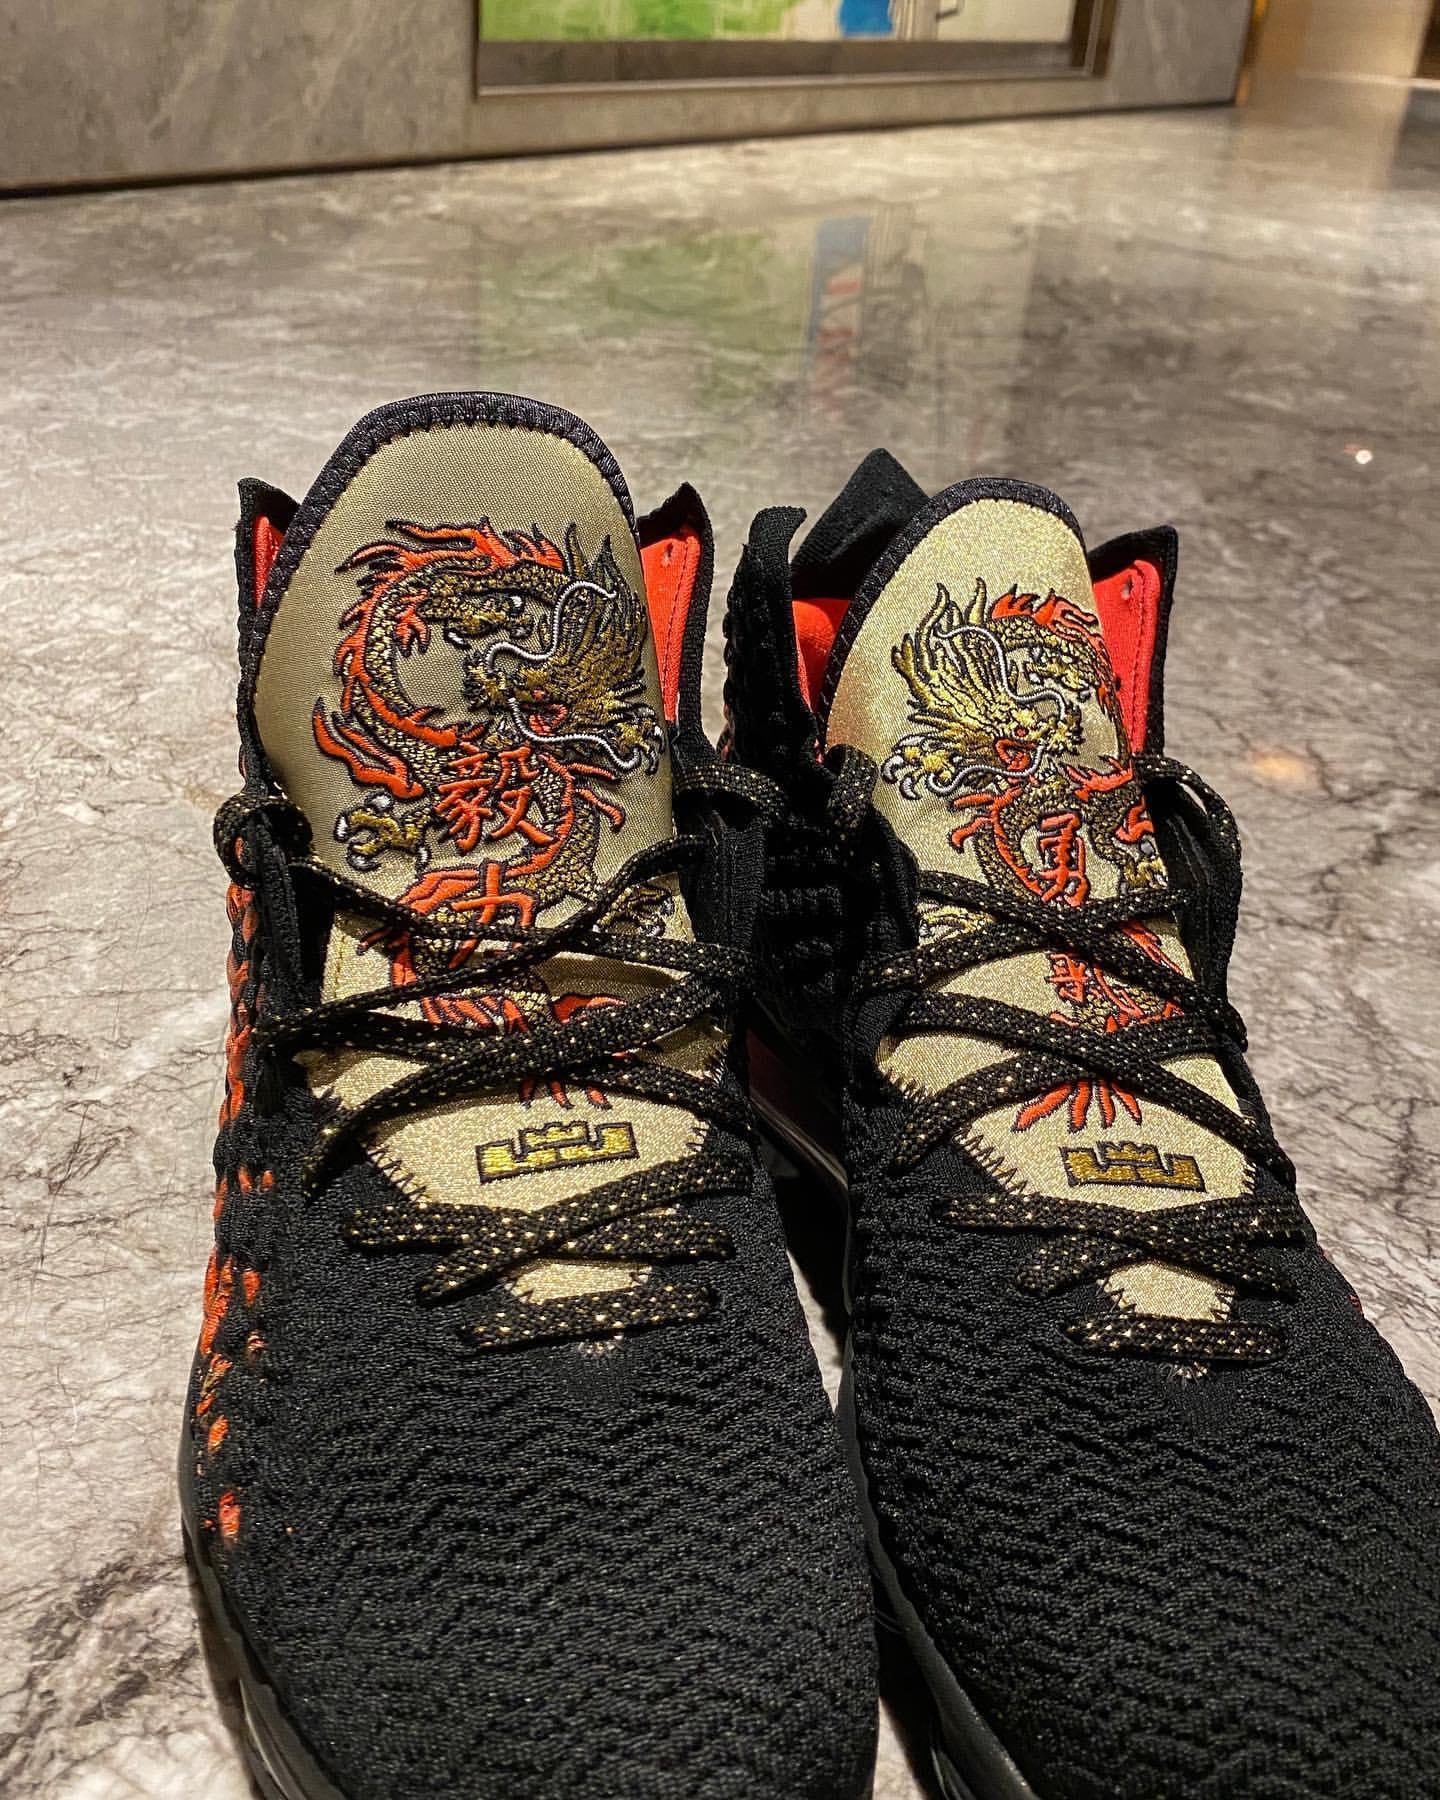 周杰伦晒个人设计的中国风詹17战靴:我要做音乐上的皇帝